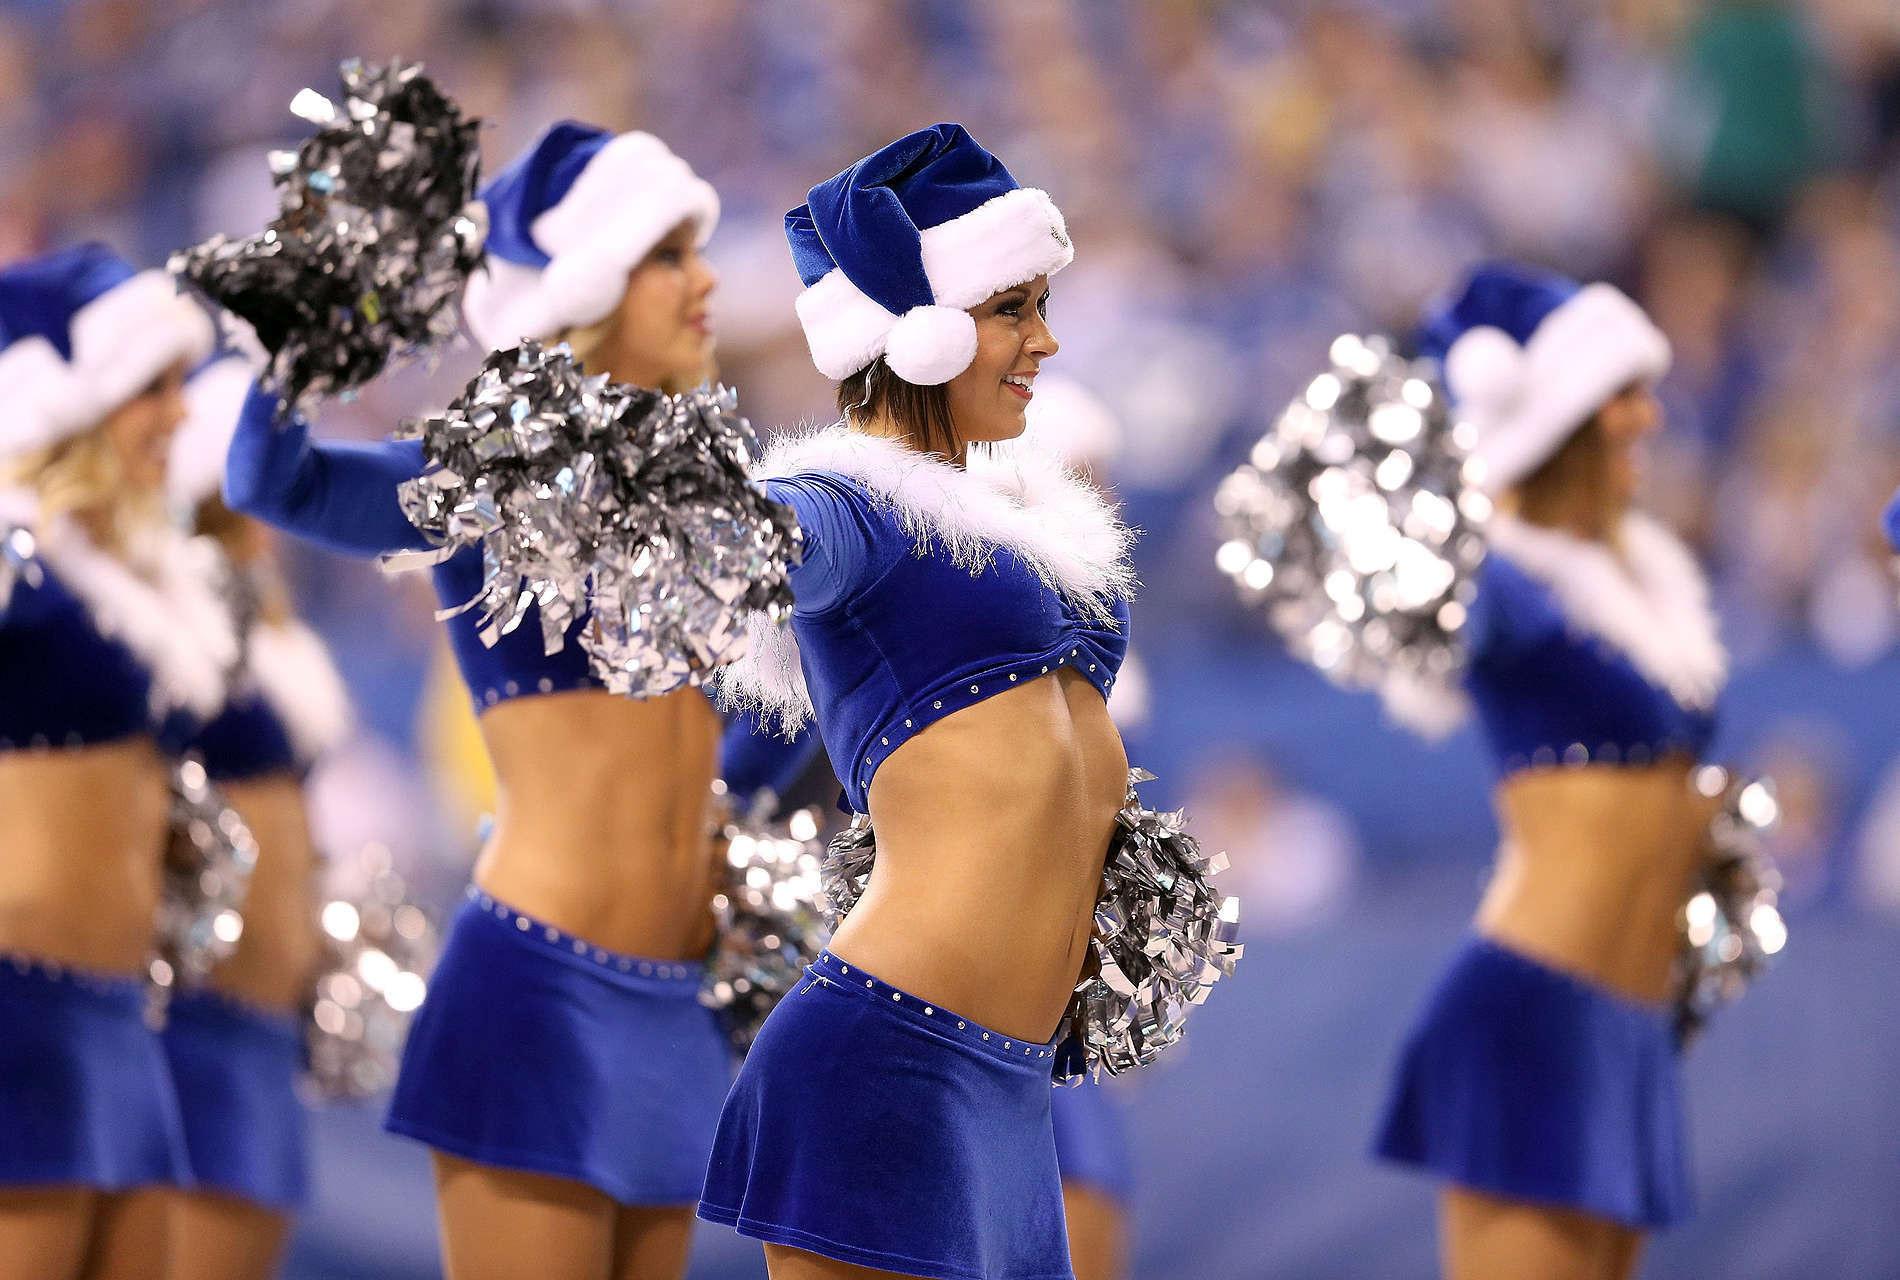 Worlds hottest cheerleaders